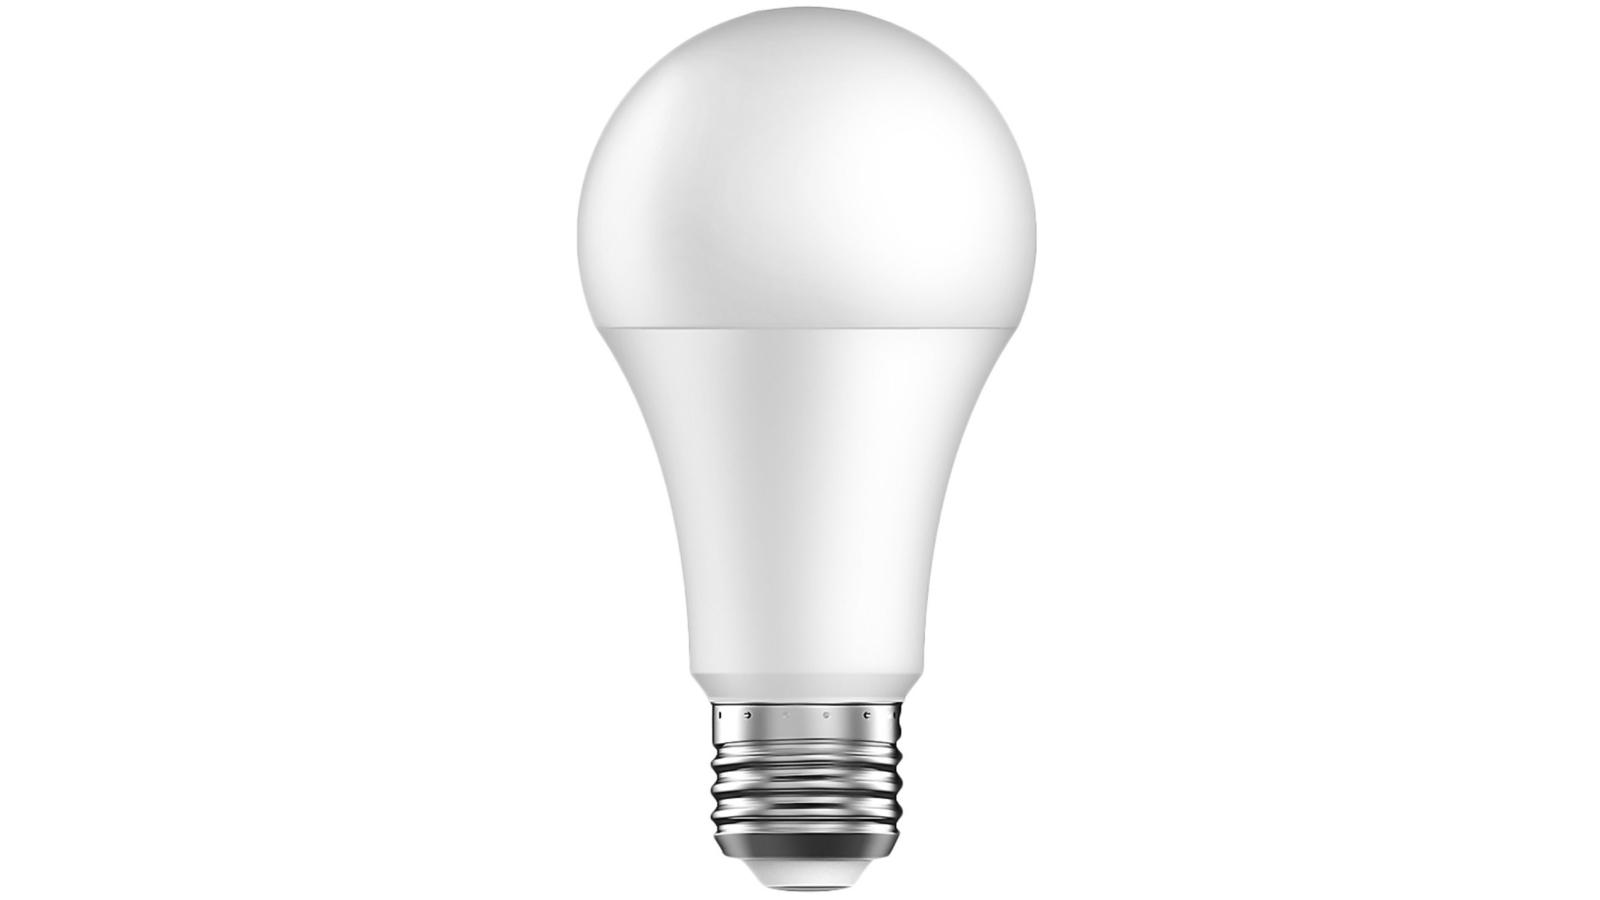 LED灯代替阳光,浙江植物工厂高效种植农作物